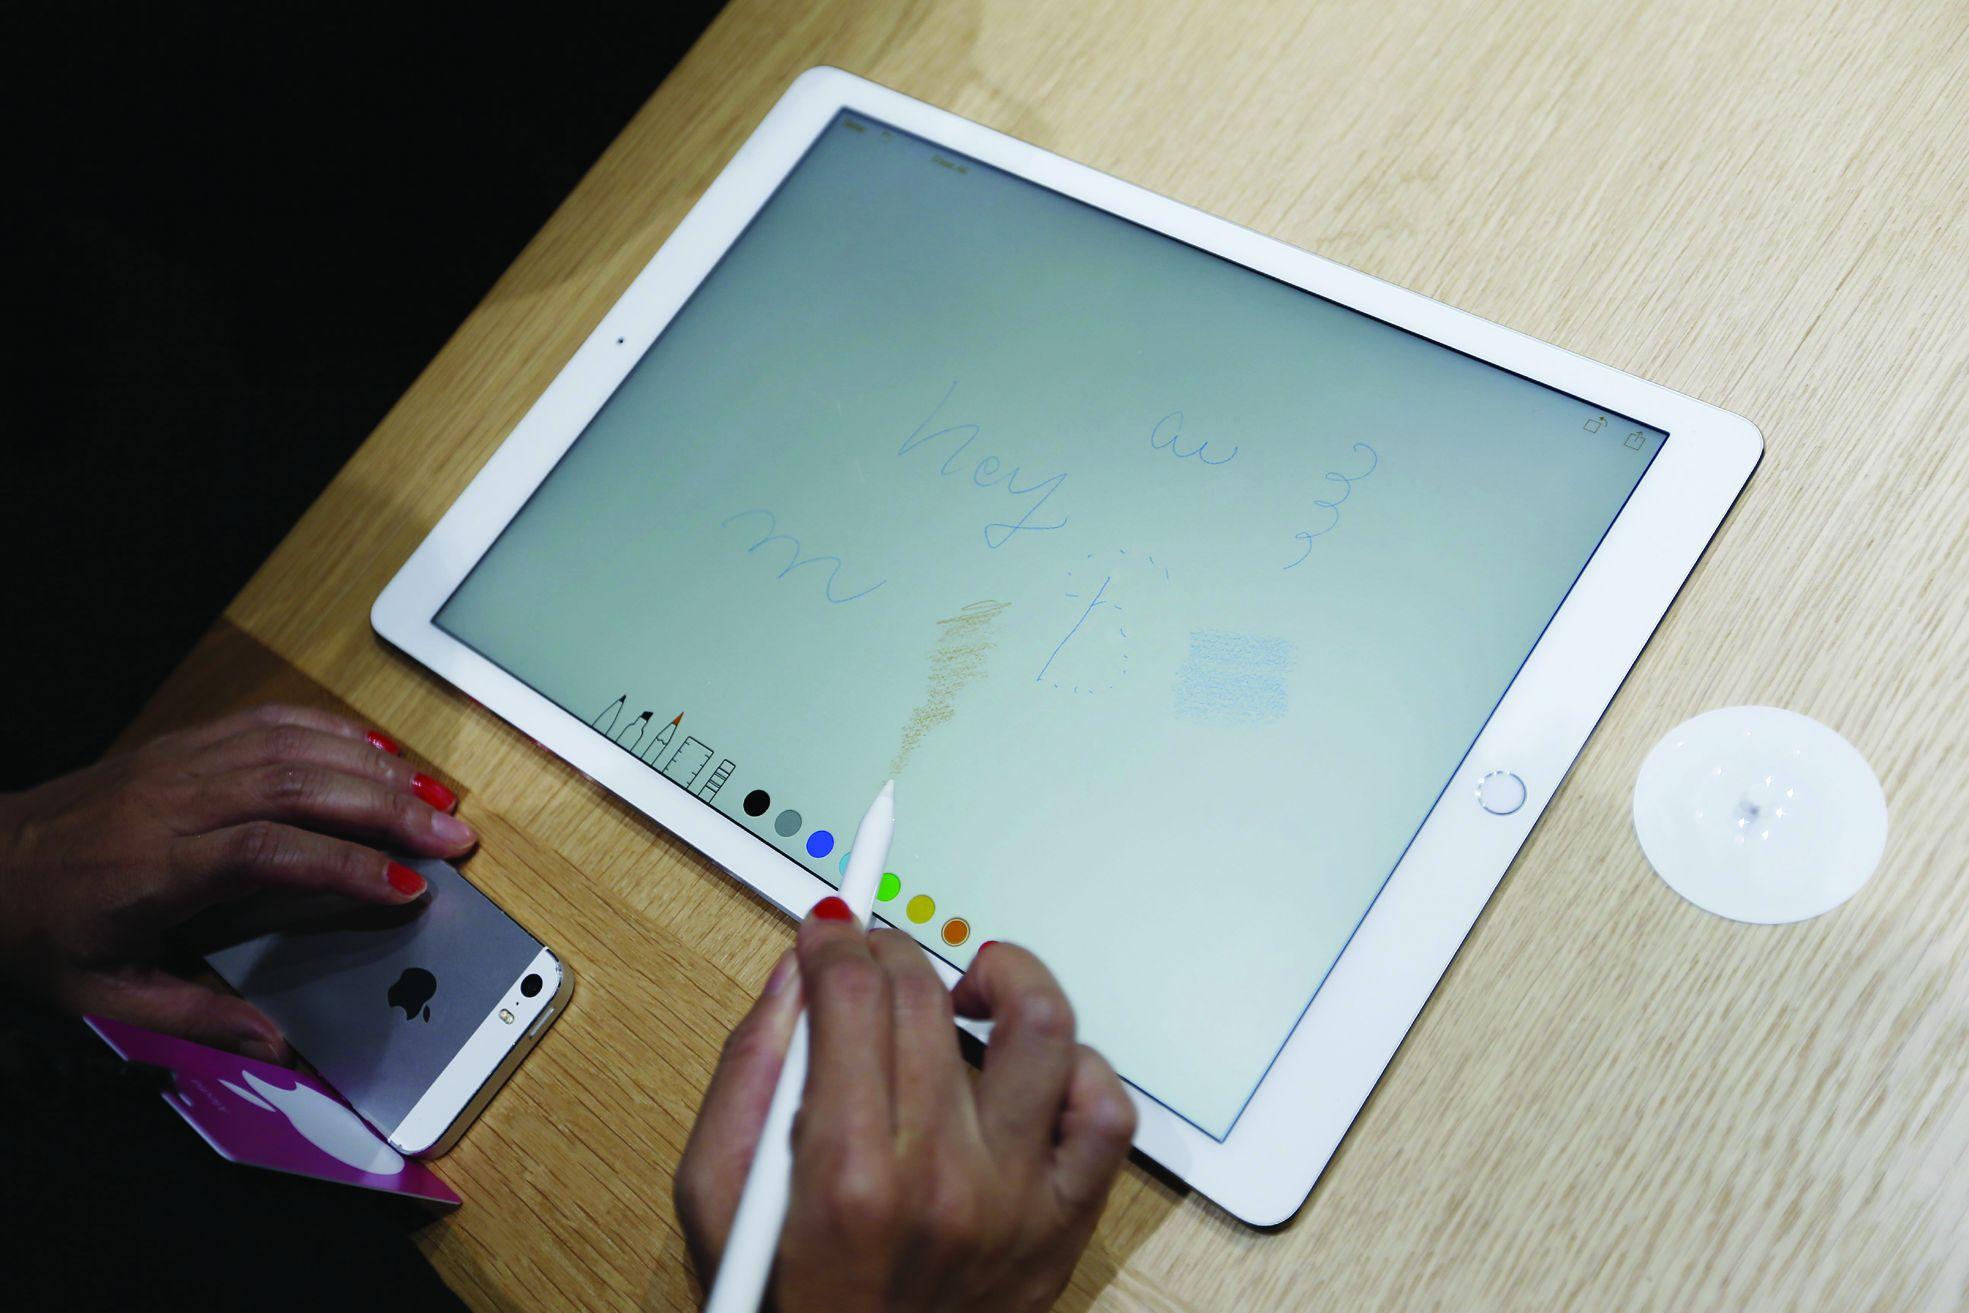 Порнуху смотреть на айпаде, Бесплатное порно для iPad. Новое видео каждый день 21 фотография